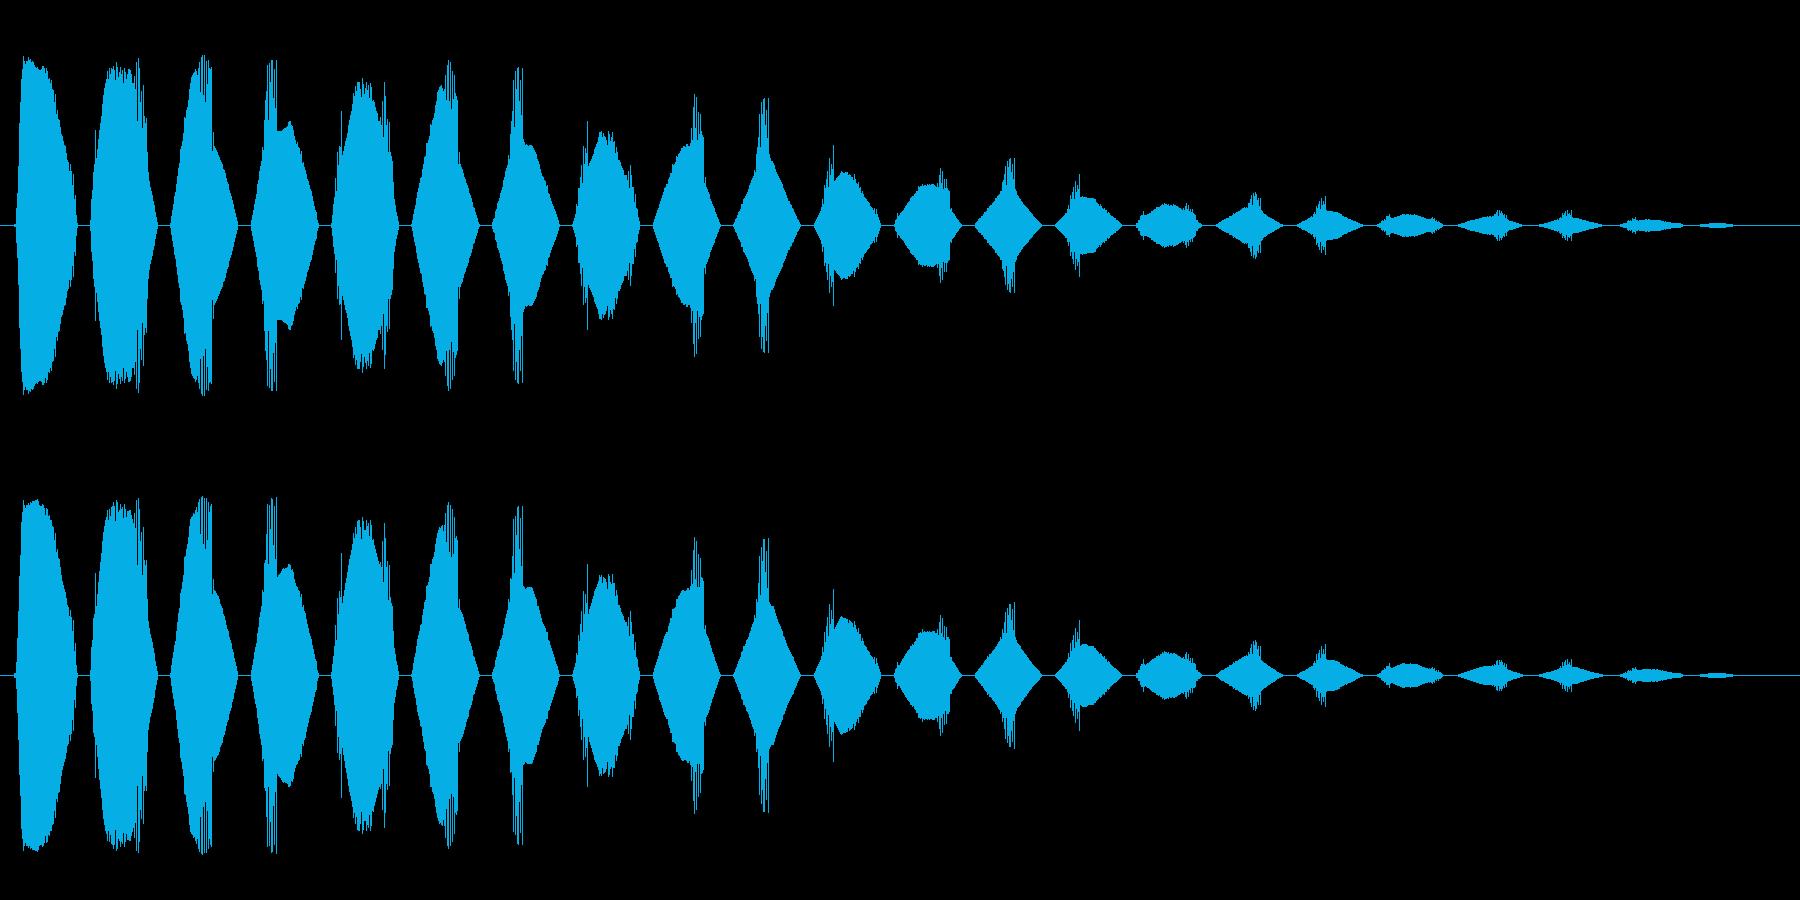 ヒラヒラヒラ(短い金属音の凝り返しの音)の再生済みの波形